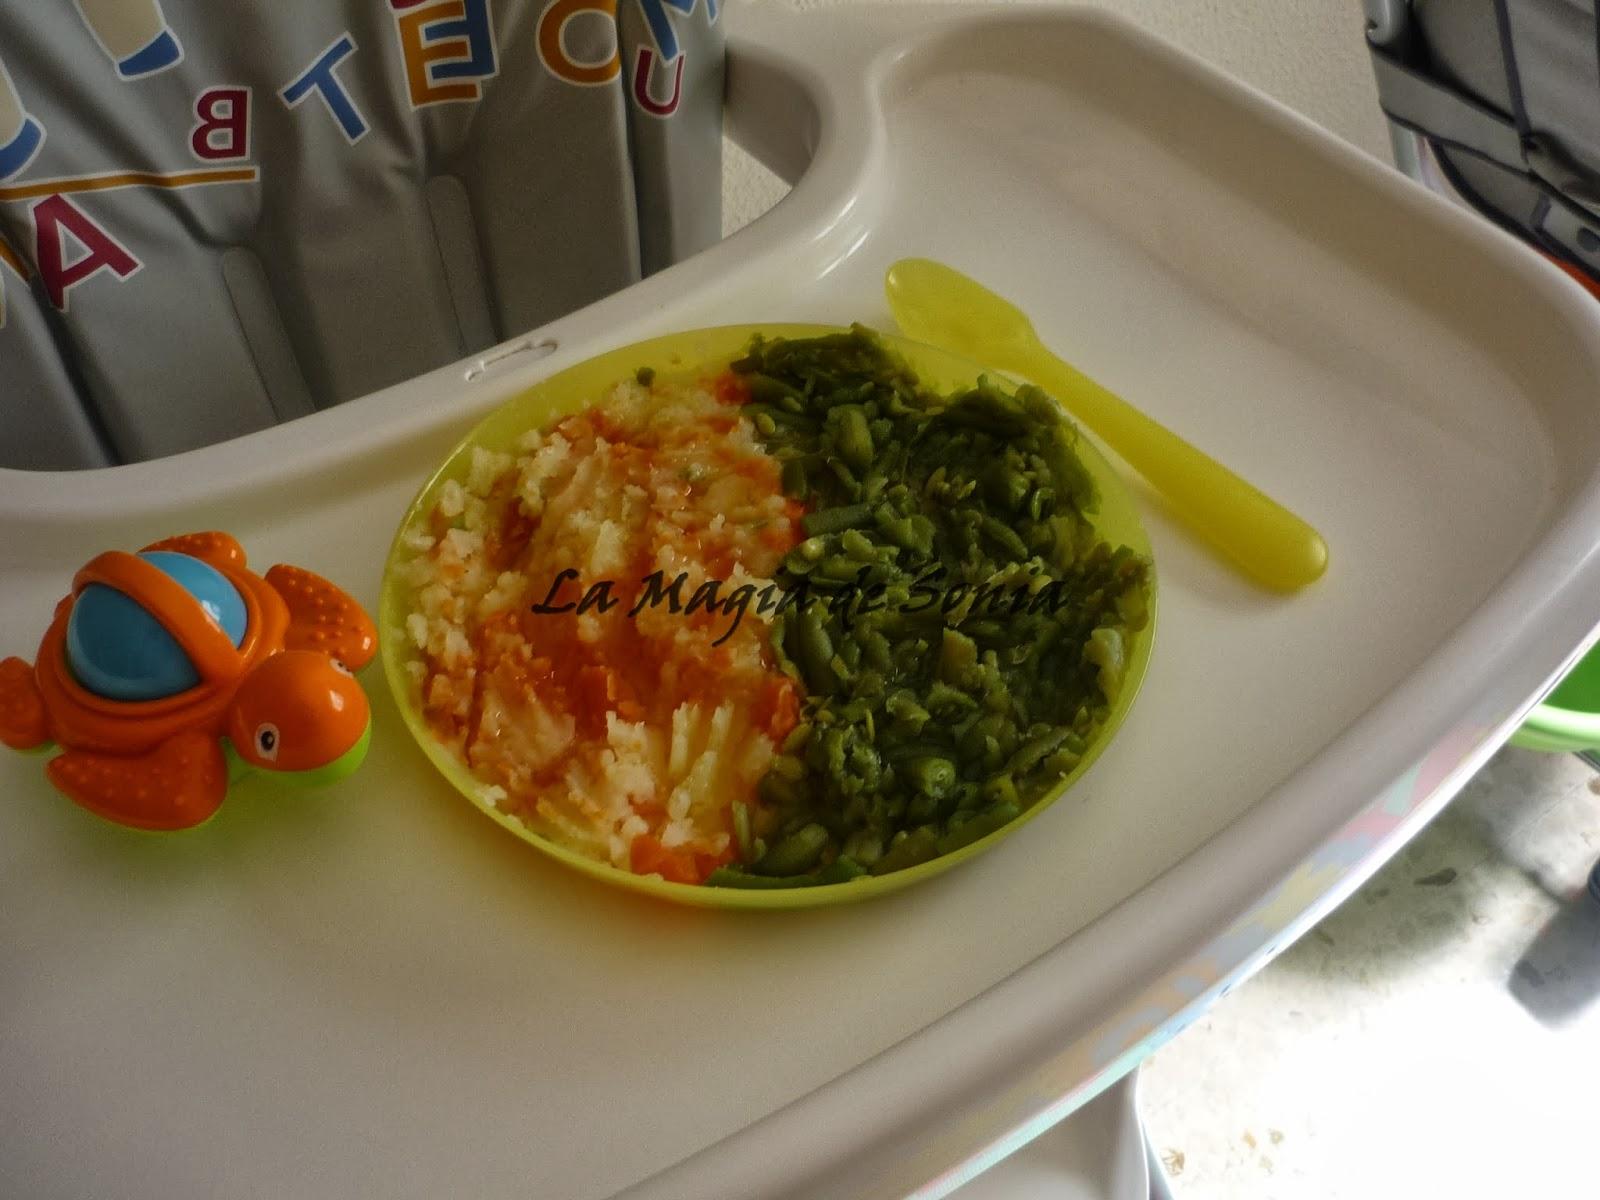 La magia de sonia baby cenas hervido de jud as verdes - Cenas para bebes de 15 meses ...